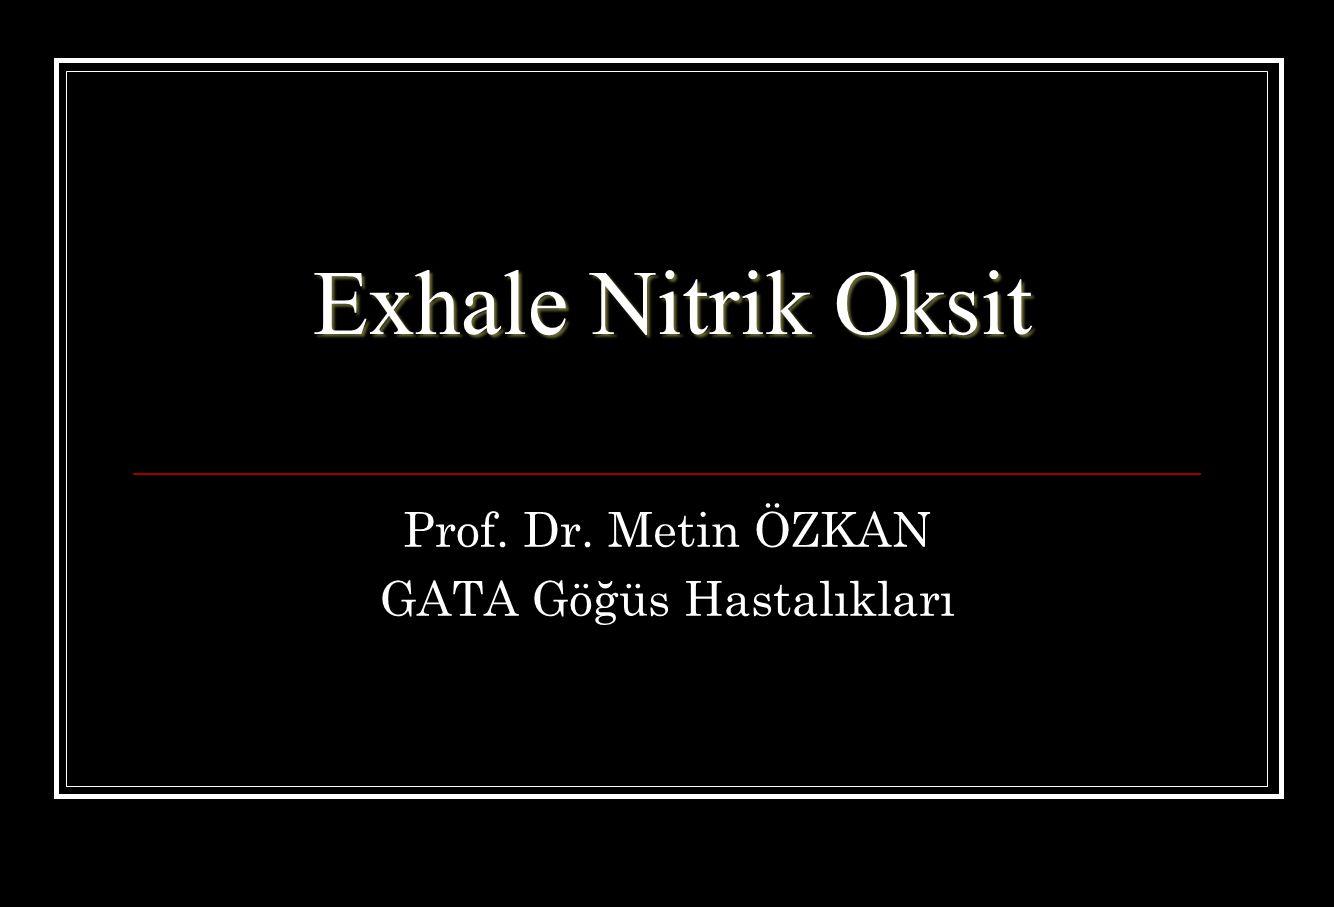 Exhale Nitrik Oksit Prof. Dr. Metin ÖZKAN GATA Göğüs Hastalıkları